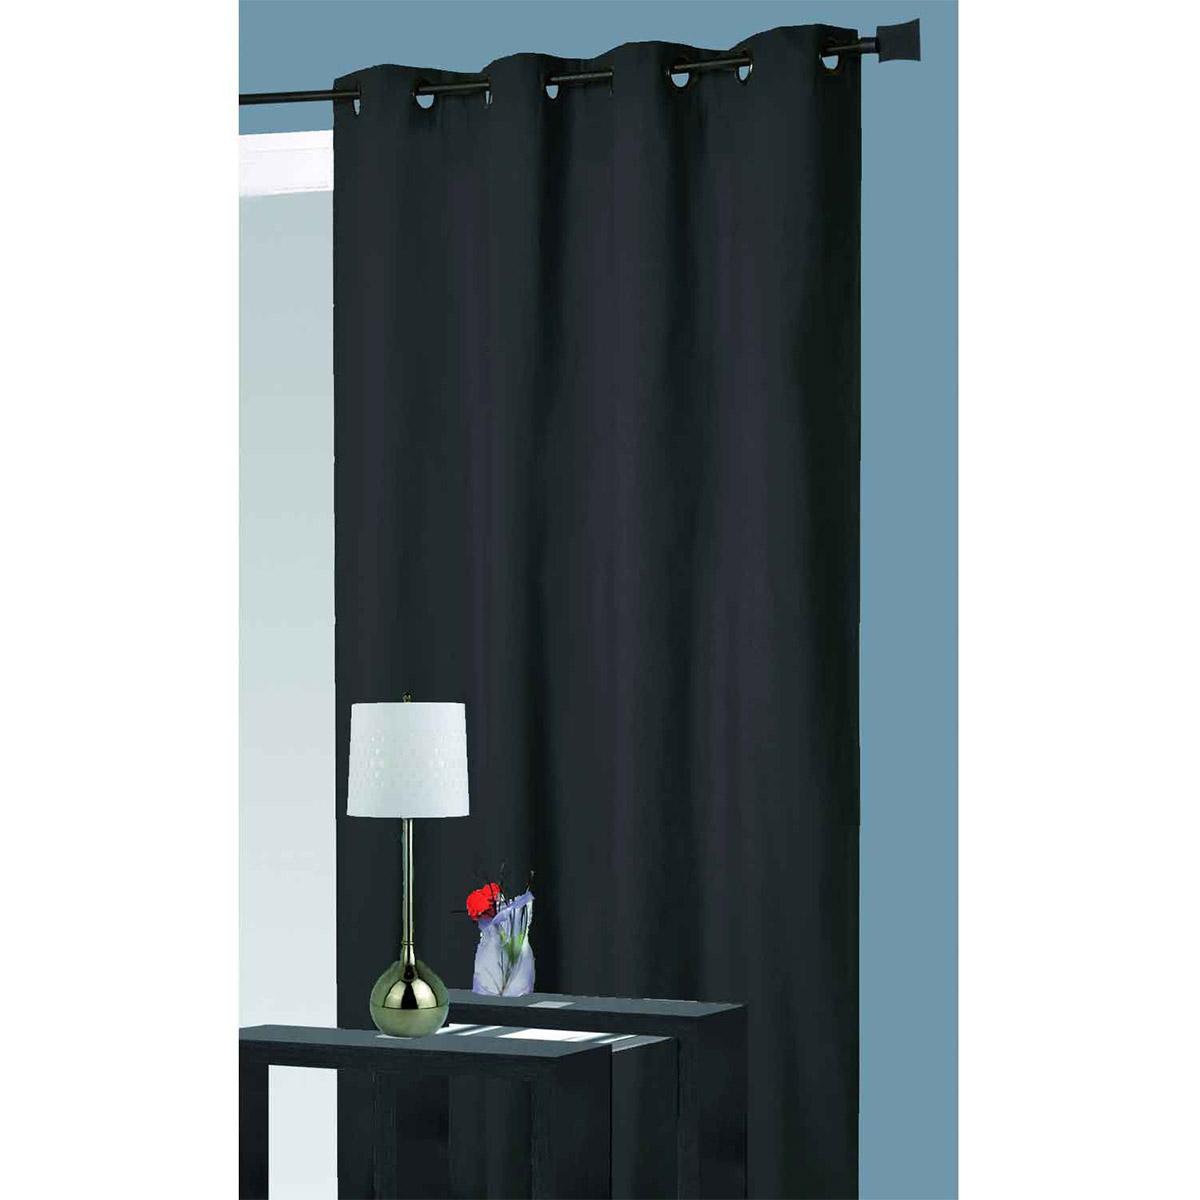 Rideau Isolant Thermique - Noir - 140 x 260 cm